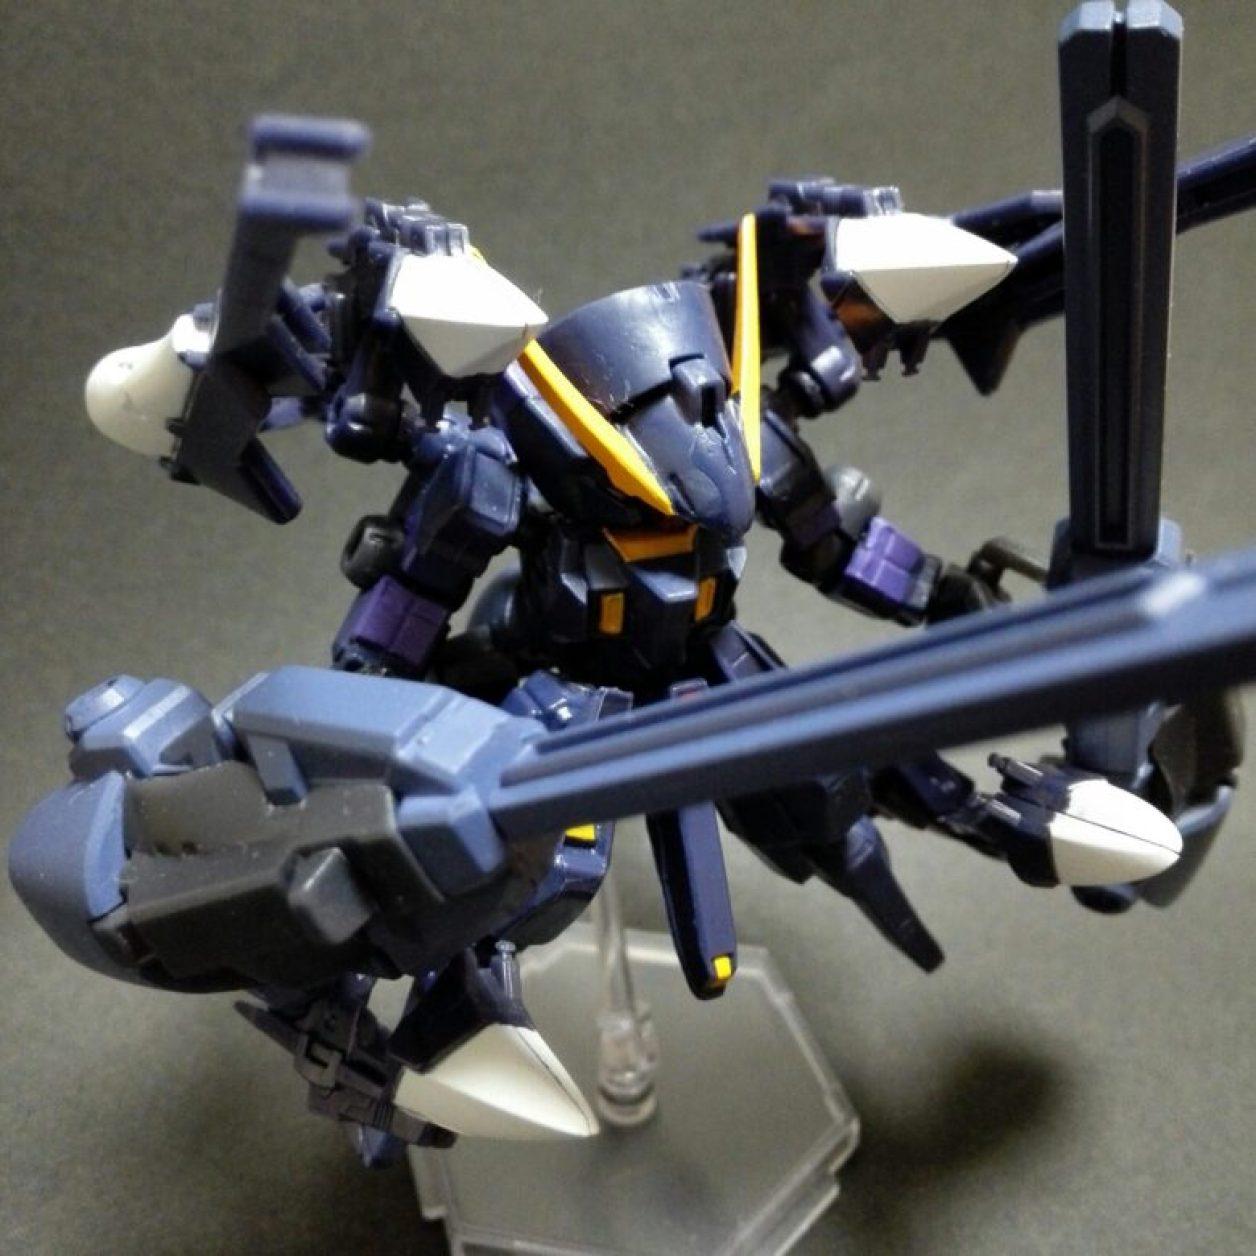 mobile suit ensemble(モビルスーツアンサンブル)4.5弾ウーンドウォート(ティターンズカラー)にフルドドIIを装備させてウーンドウォート・ラーII(第二形態)としてコンポジット・シールド・ブースター×2を装備させたコトブキヤのミニフライングベースでディスプレイしている状態の画像